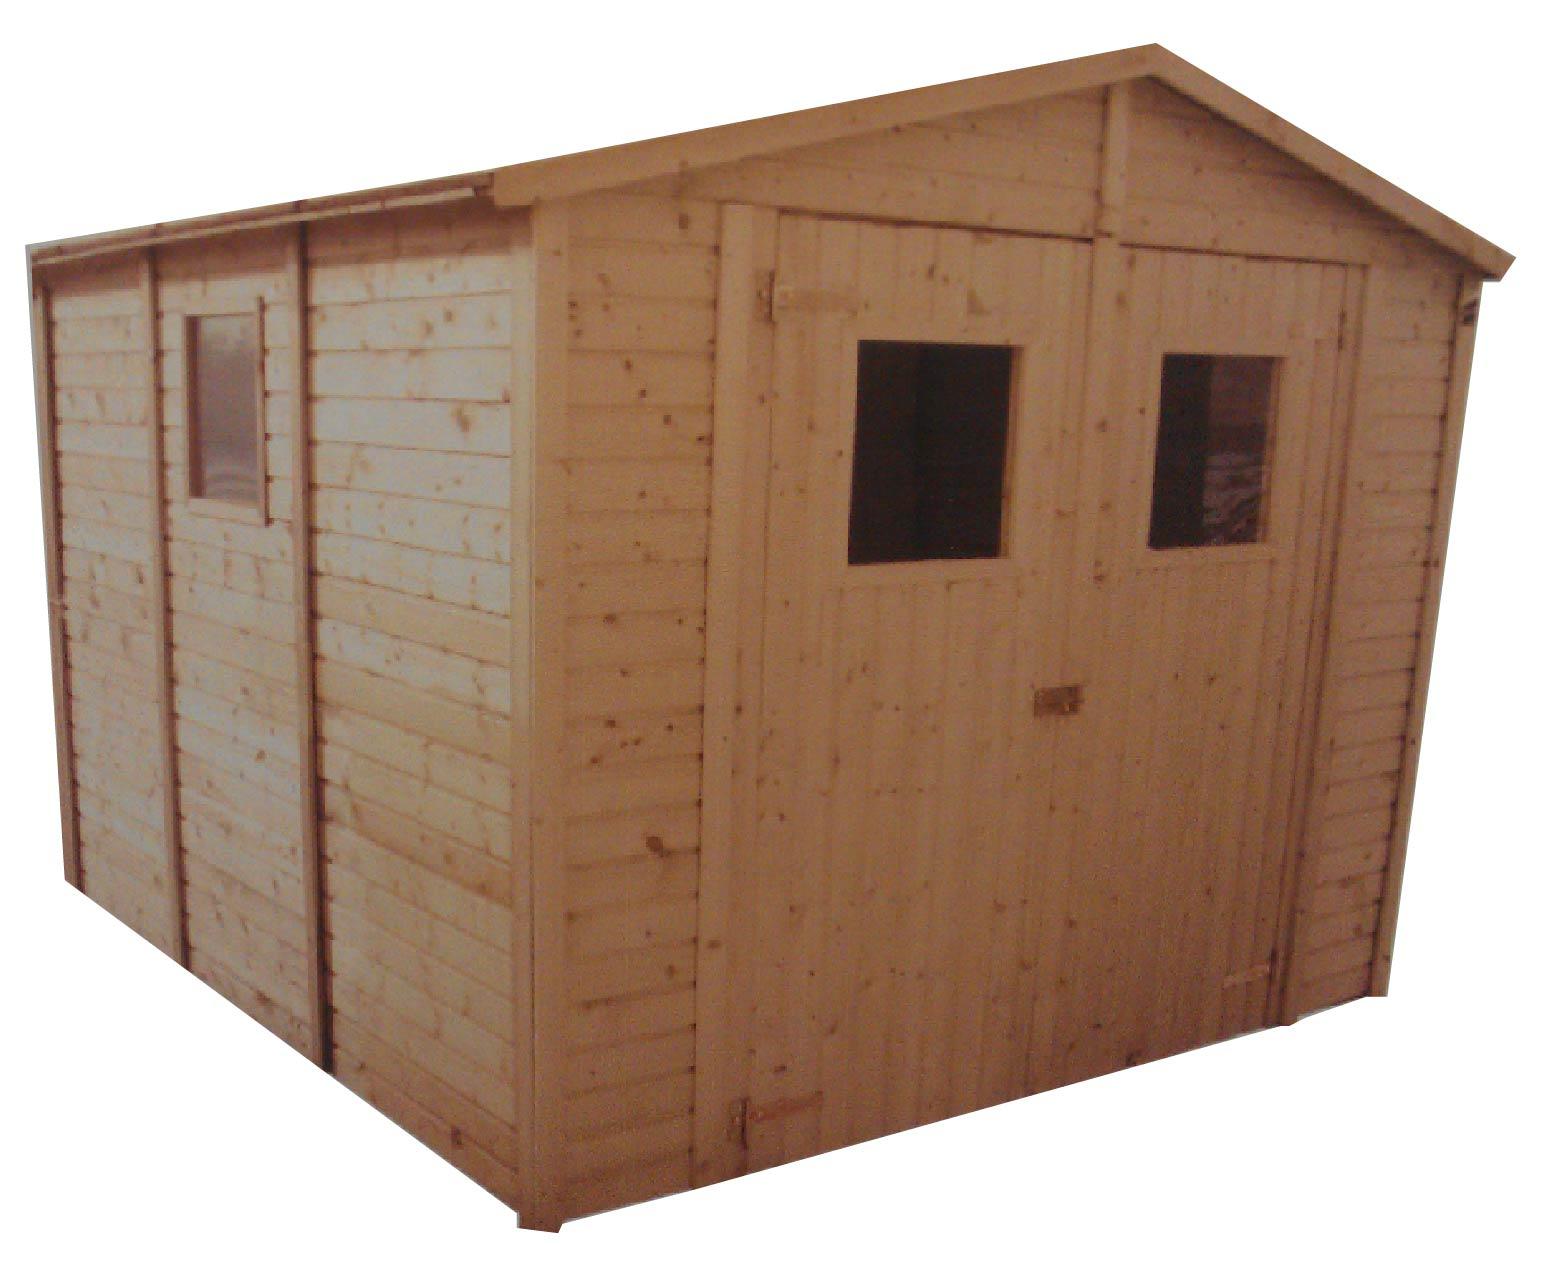 gartenh user bis 12 m2 gartenhaus aus holz 3 3m x 3 9m 19mm mit fenstern sevilla ii. Black Bedroom Furniture Sets. Home Design Ideas